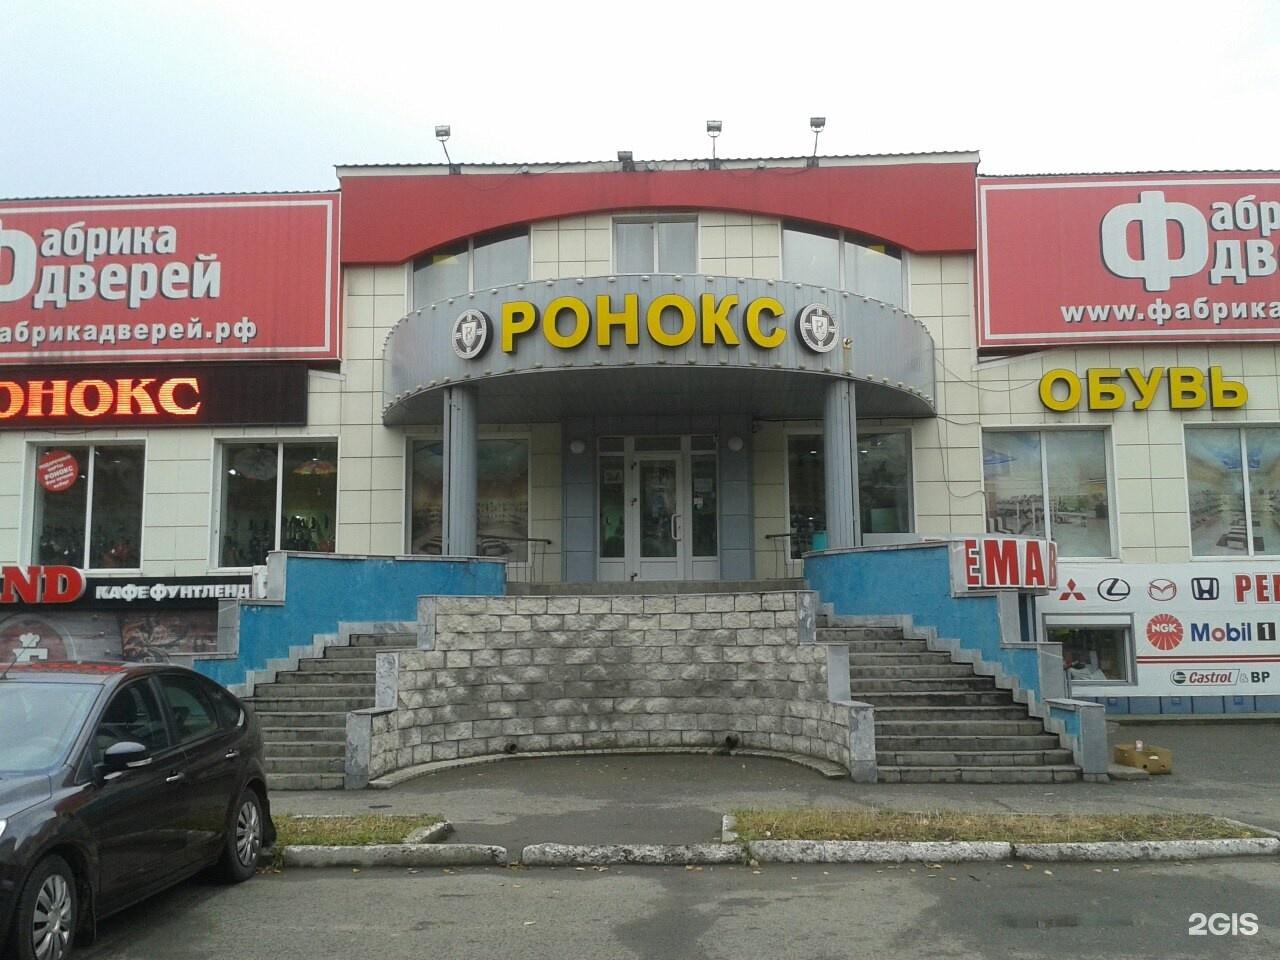 Ронокс томск официальный сайт